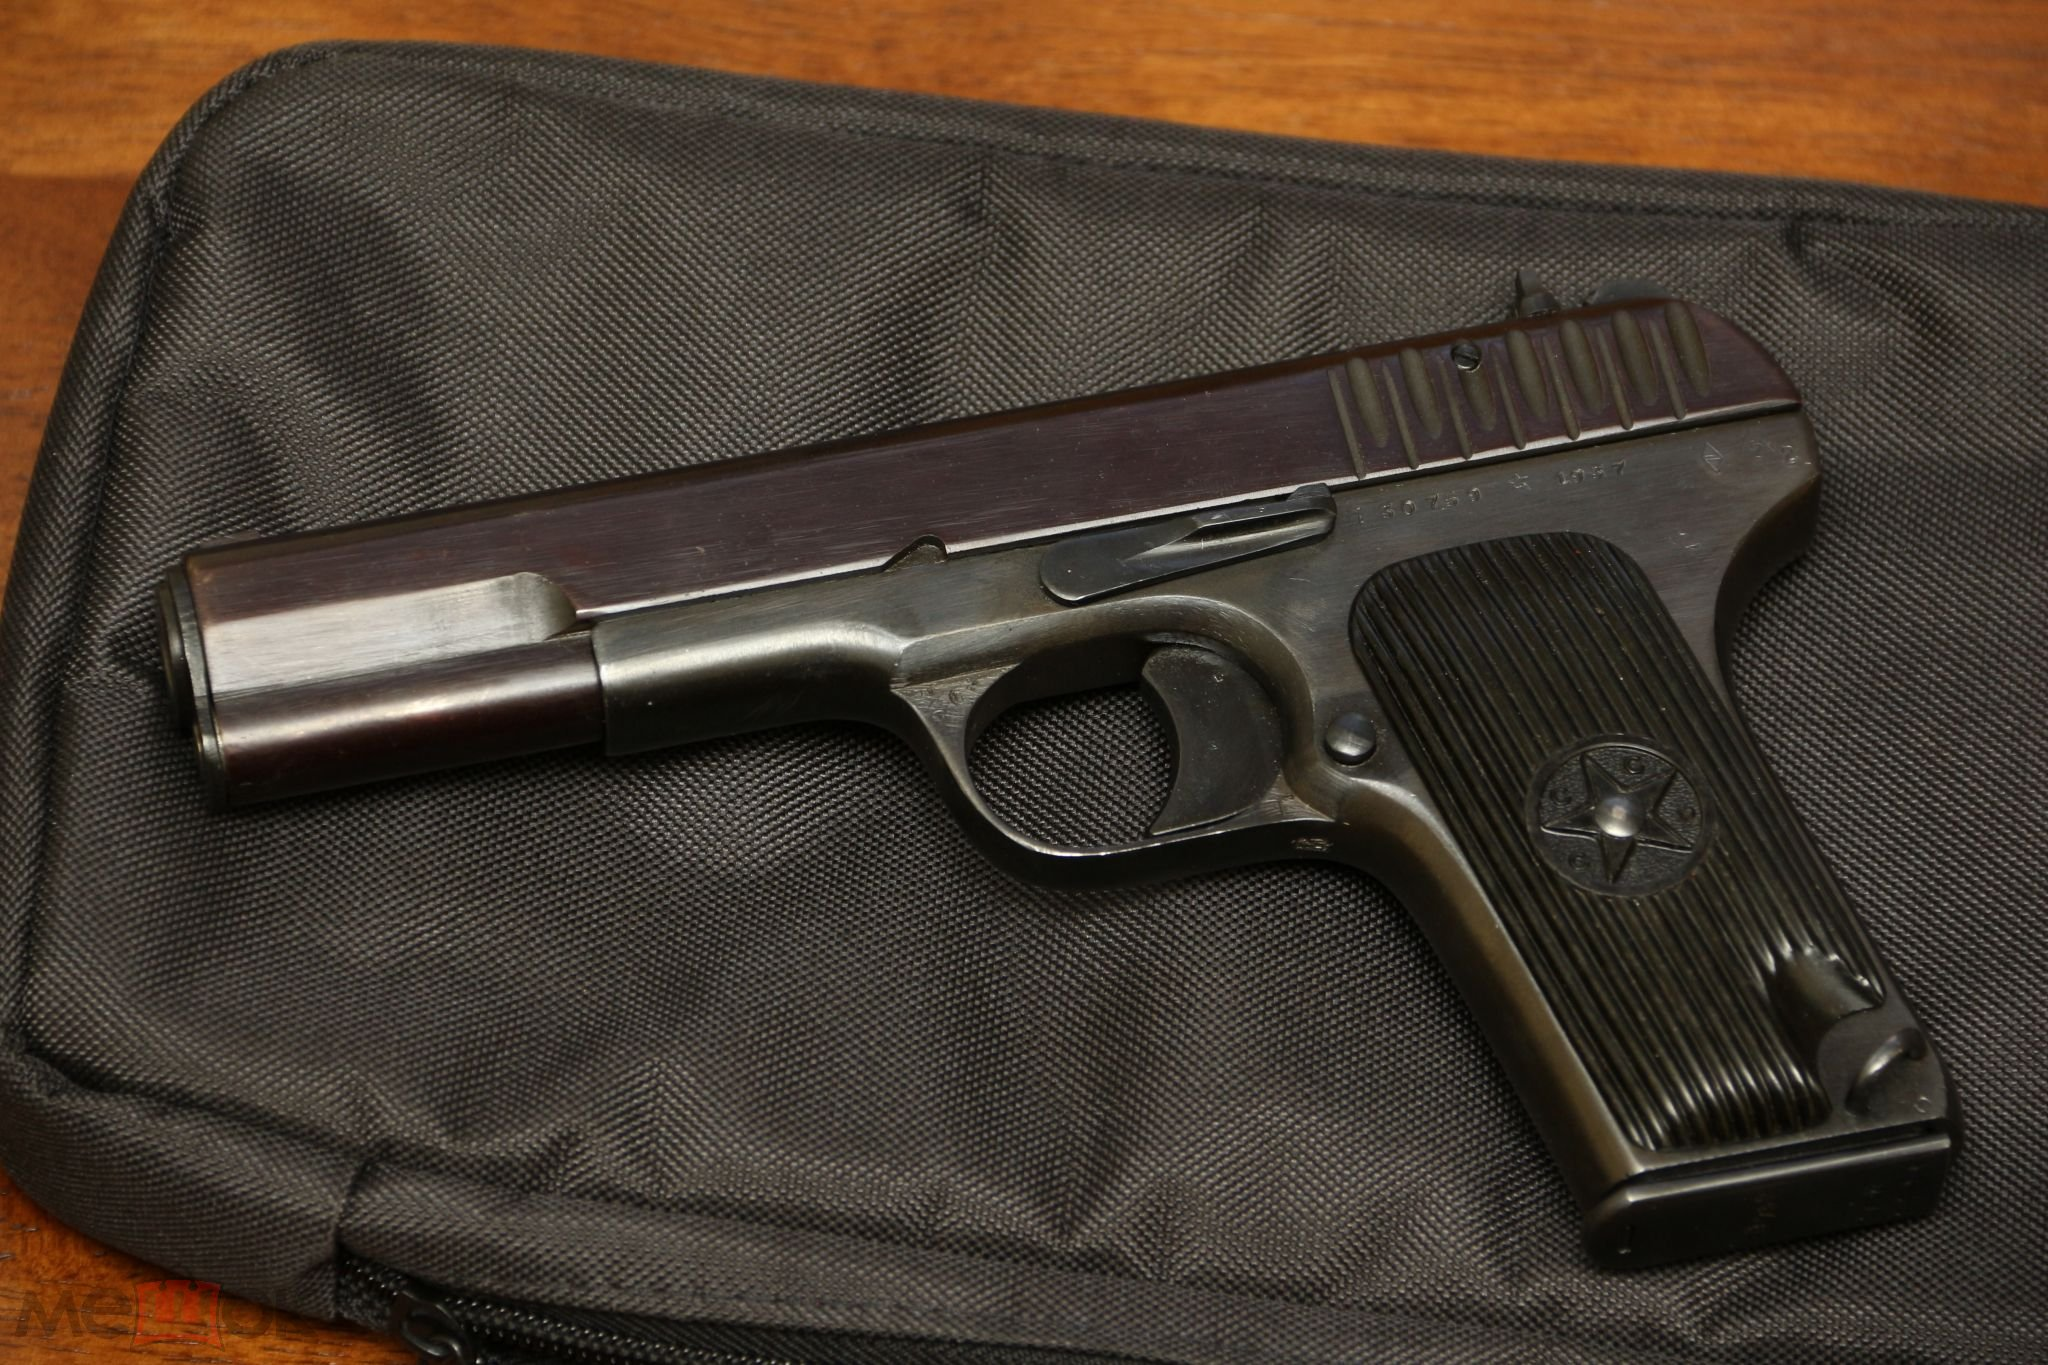 купить боевой пистолет цена сделала шаг